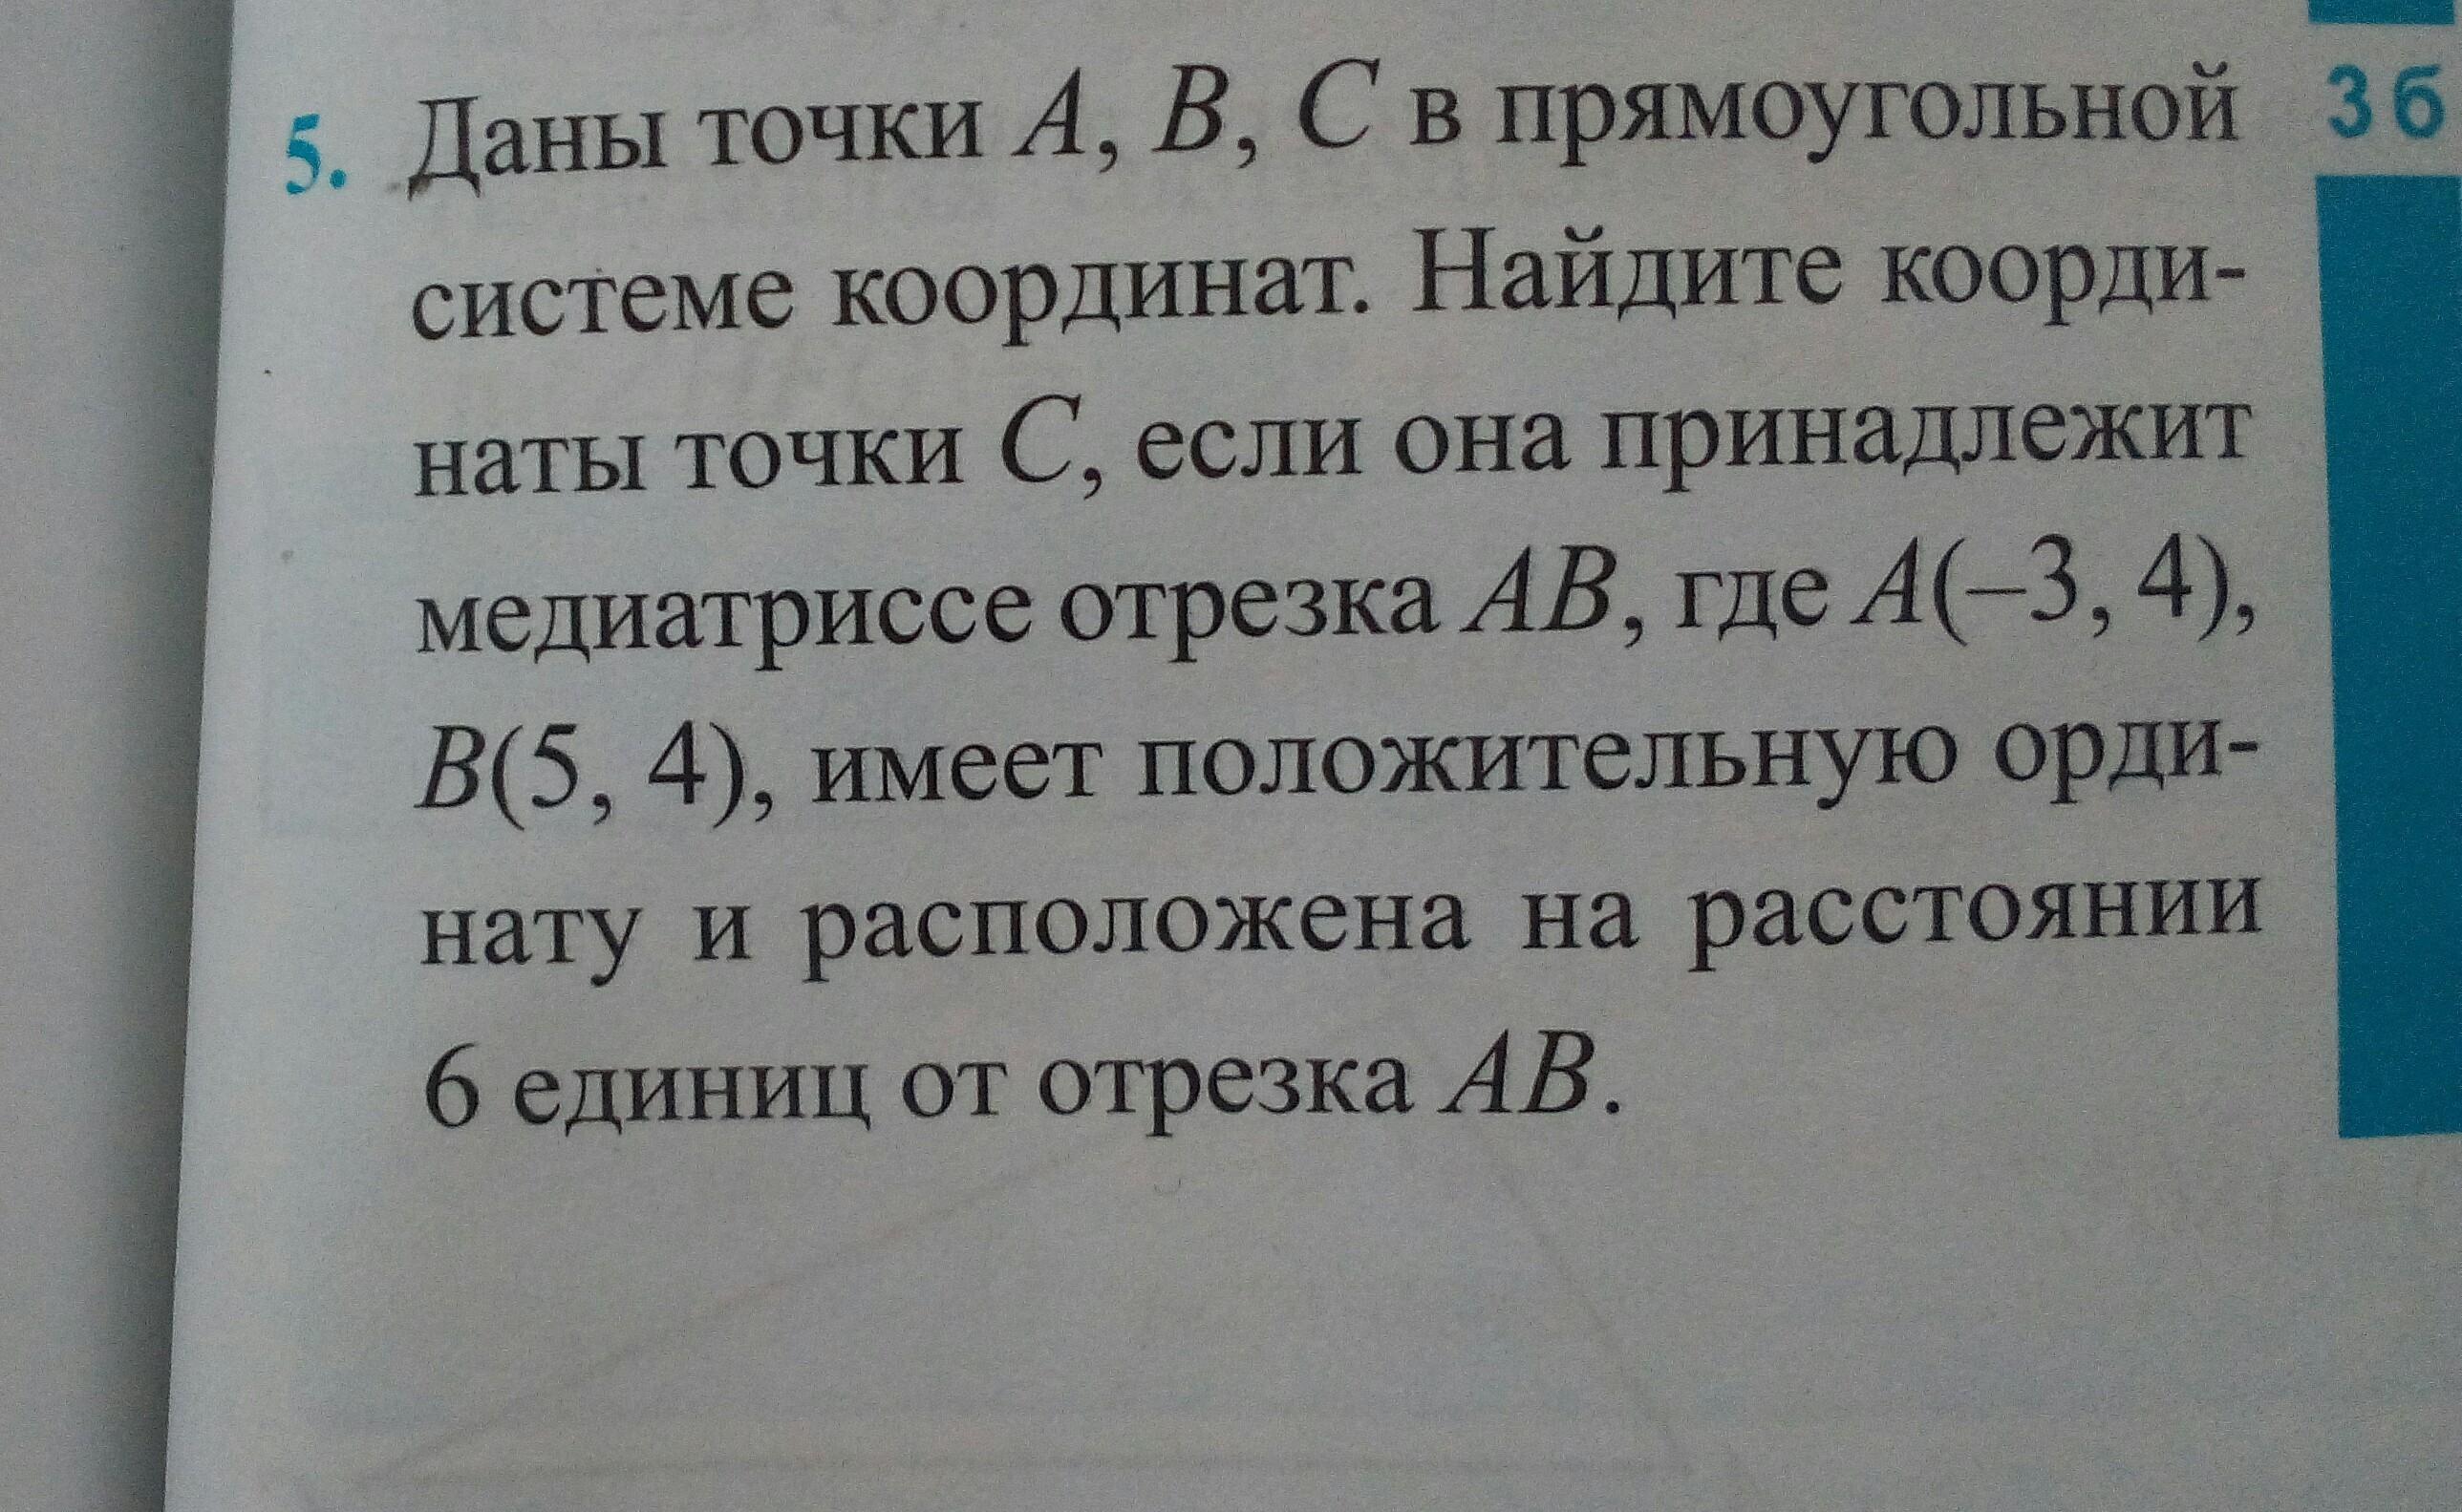 Решите пожалуйста.))